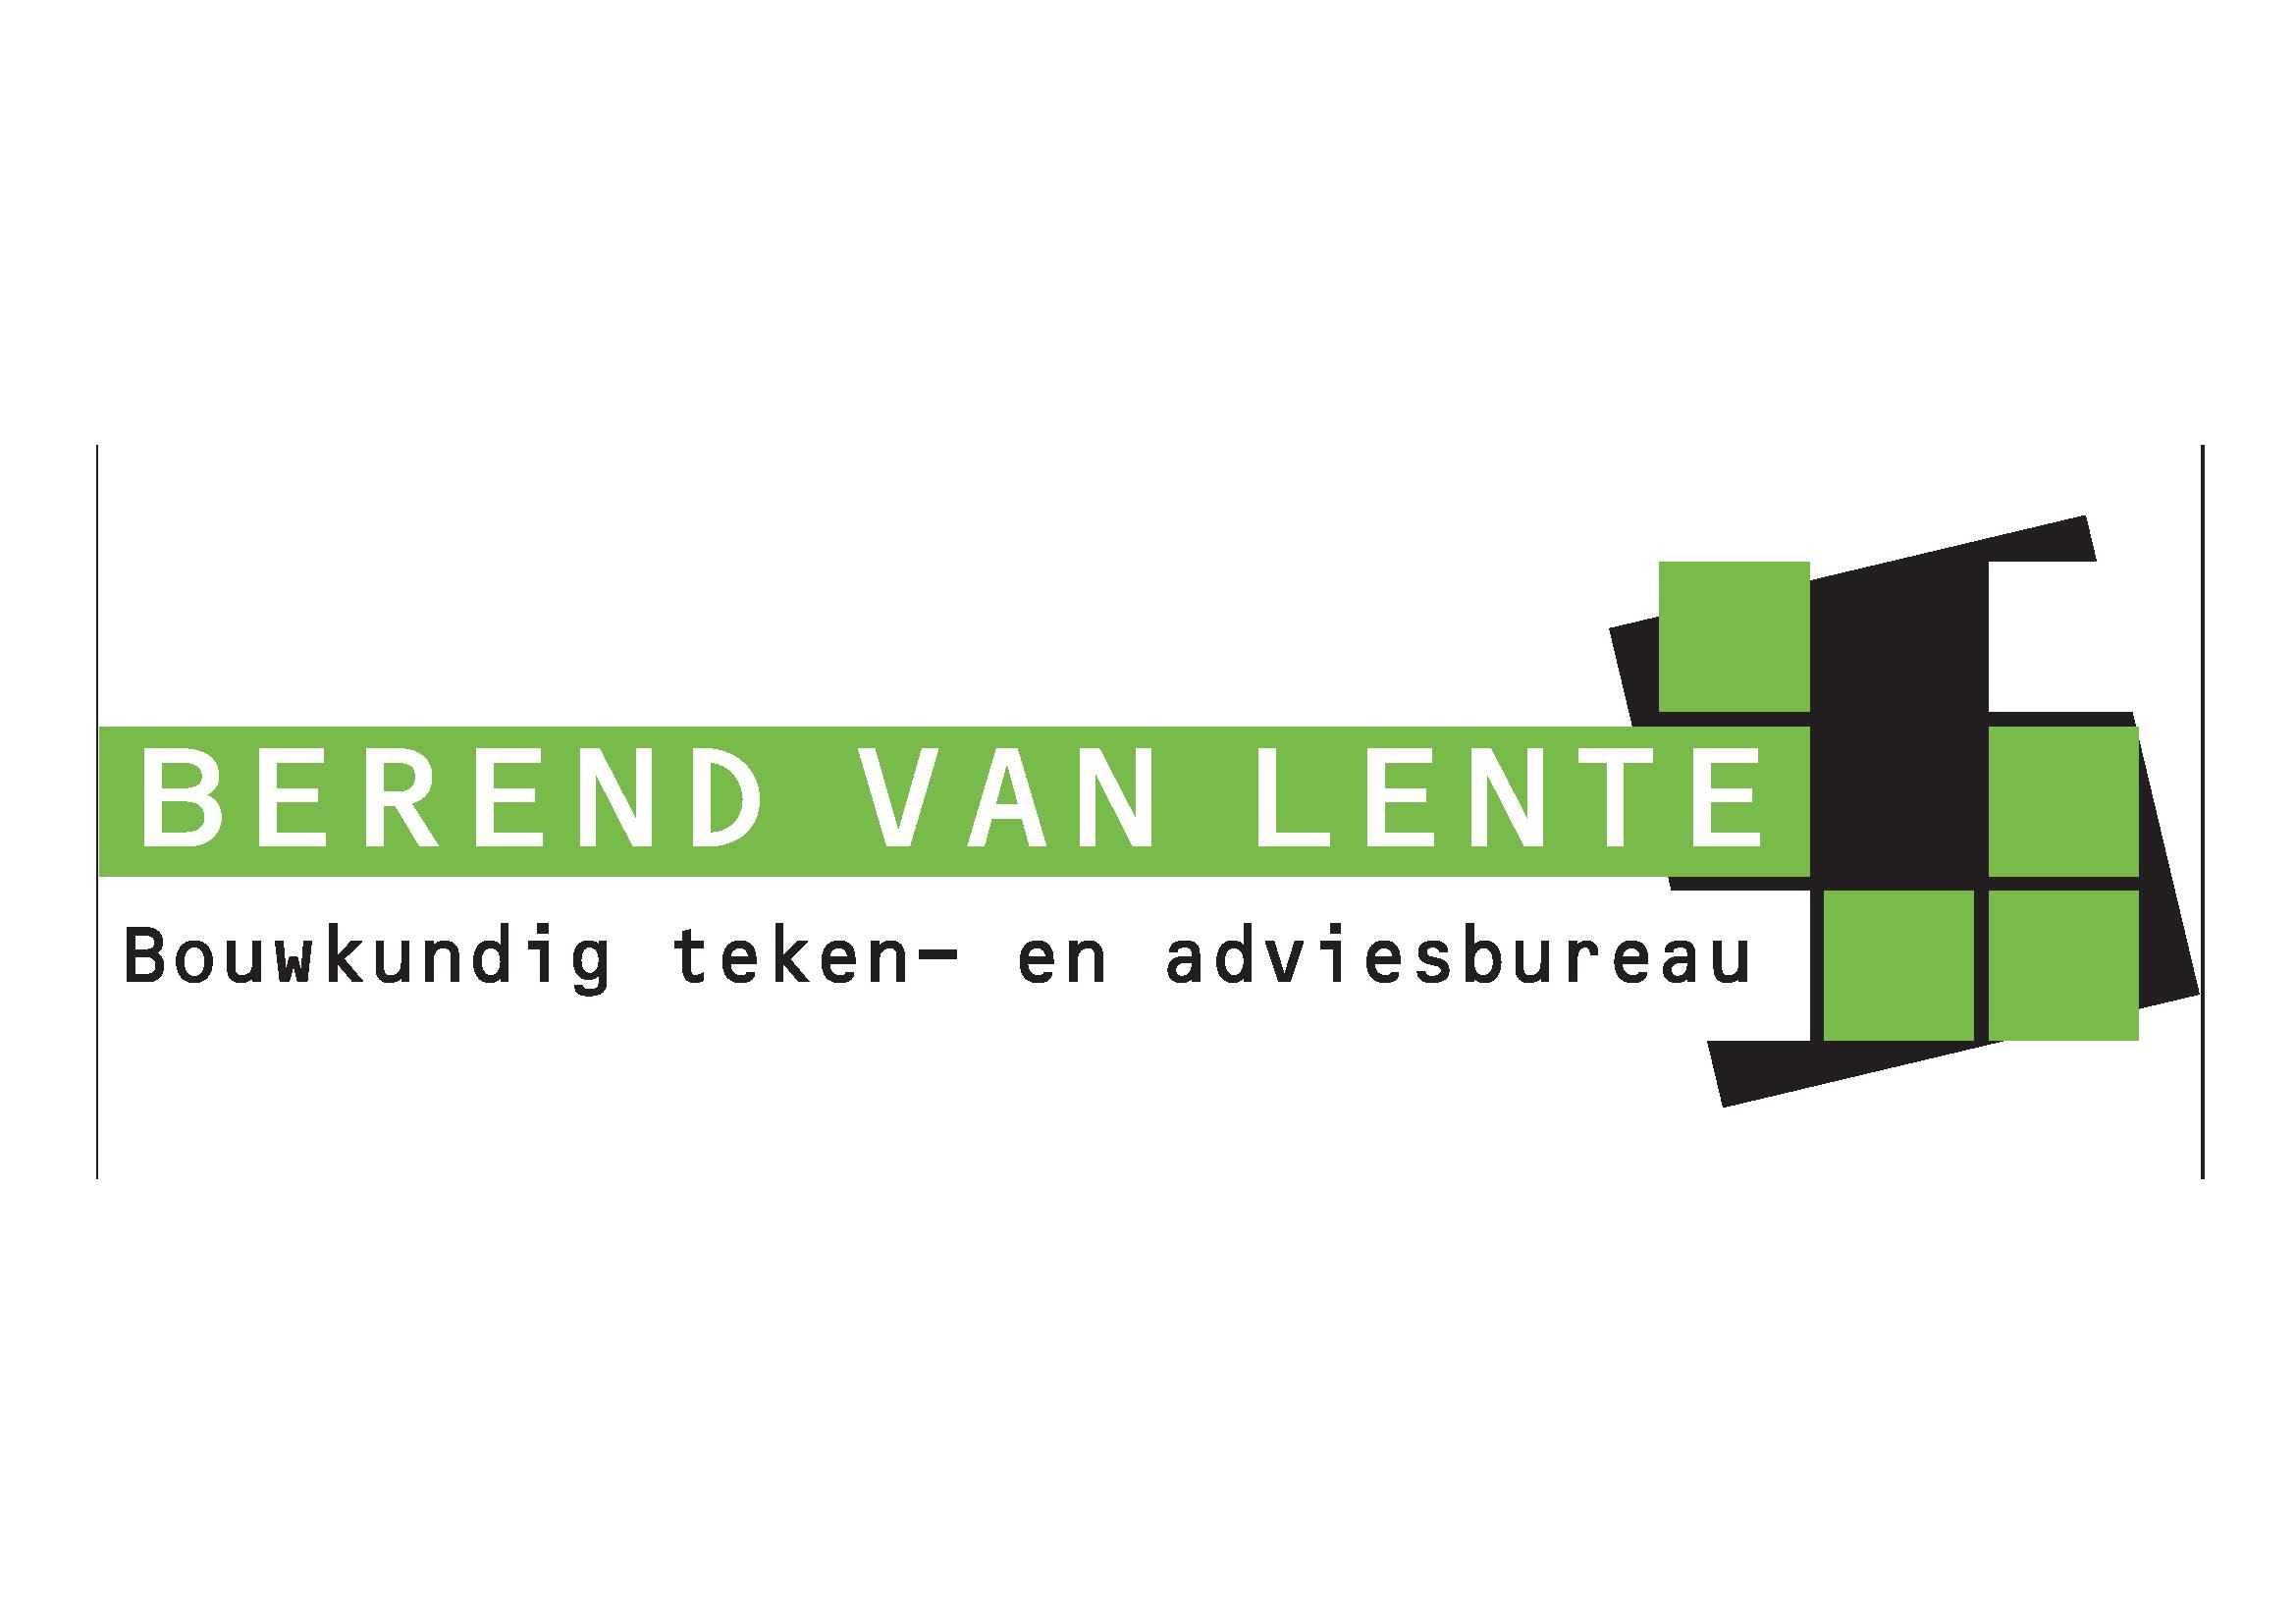 18 BerendvanLente - logo